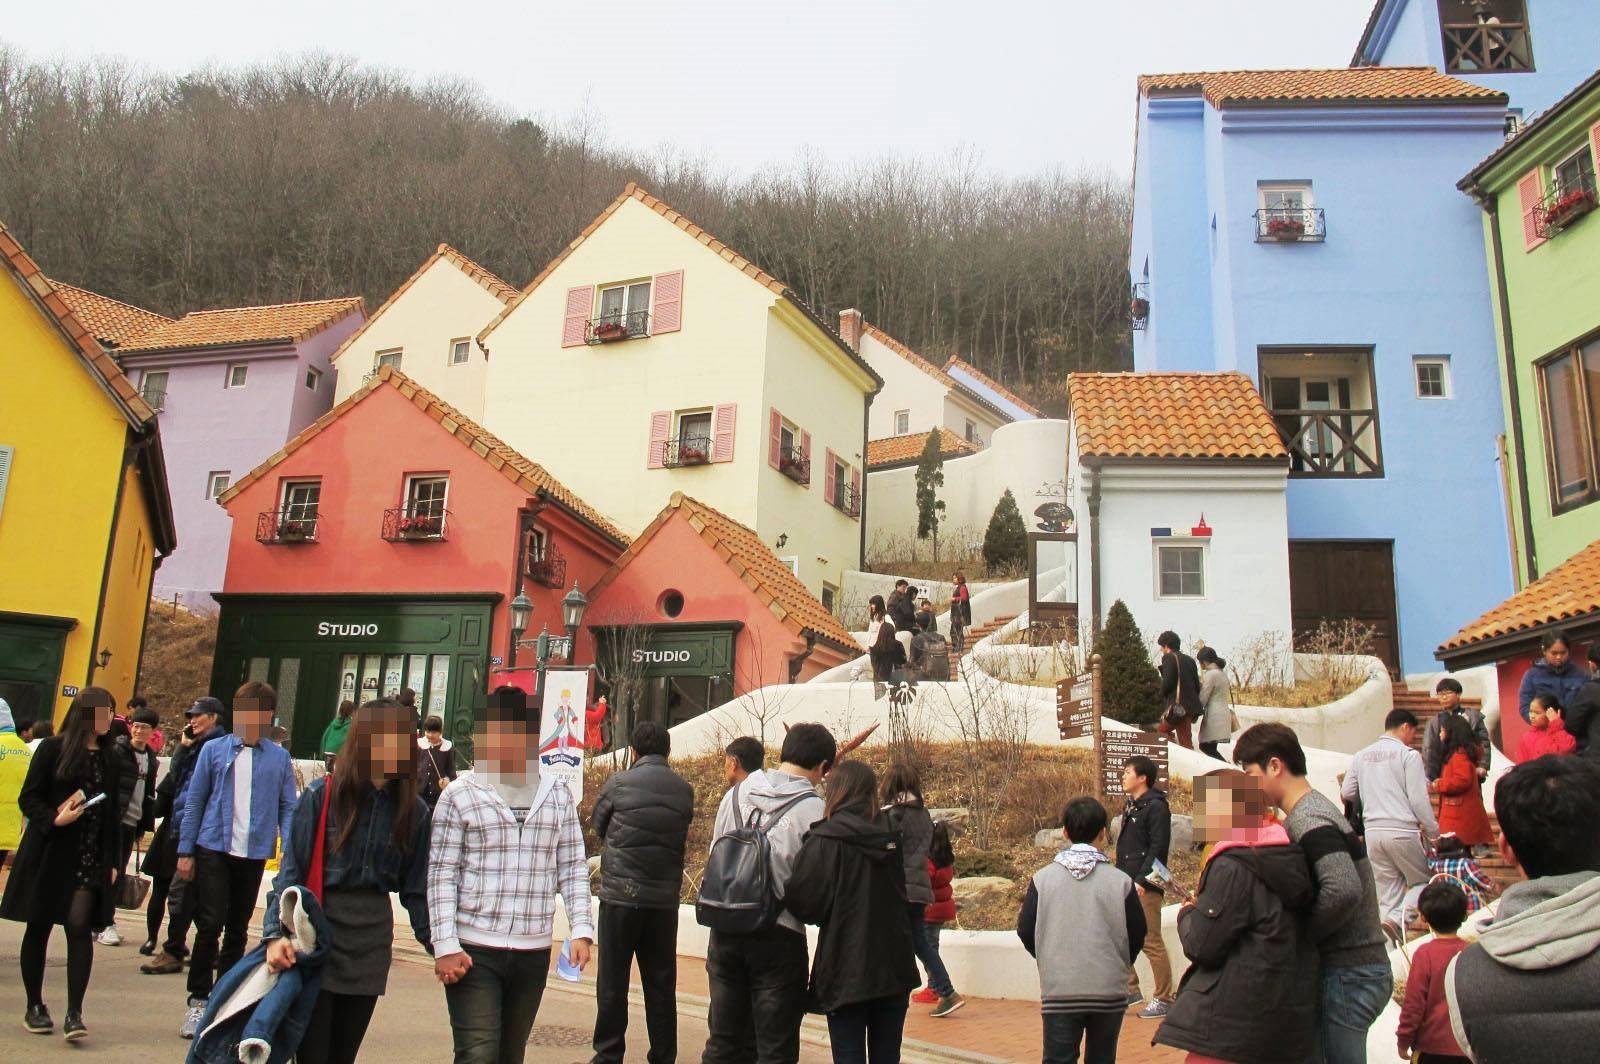 雖然小法國村和普羅旺斯村也是韓劇熱門景點,不過因為觀光客太多了~ 所以小編想要介紹大家的是…